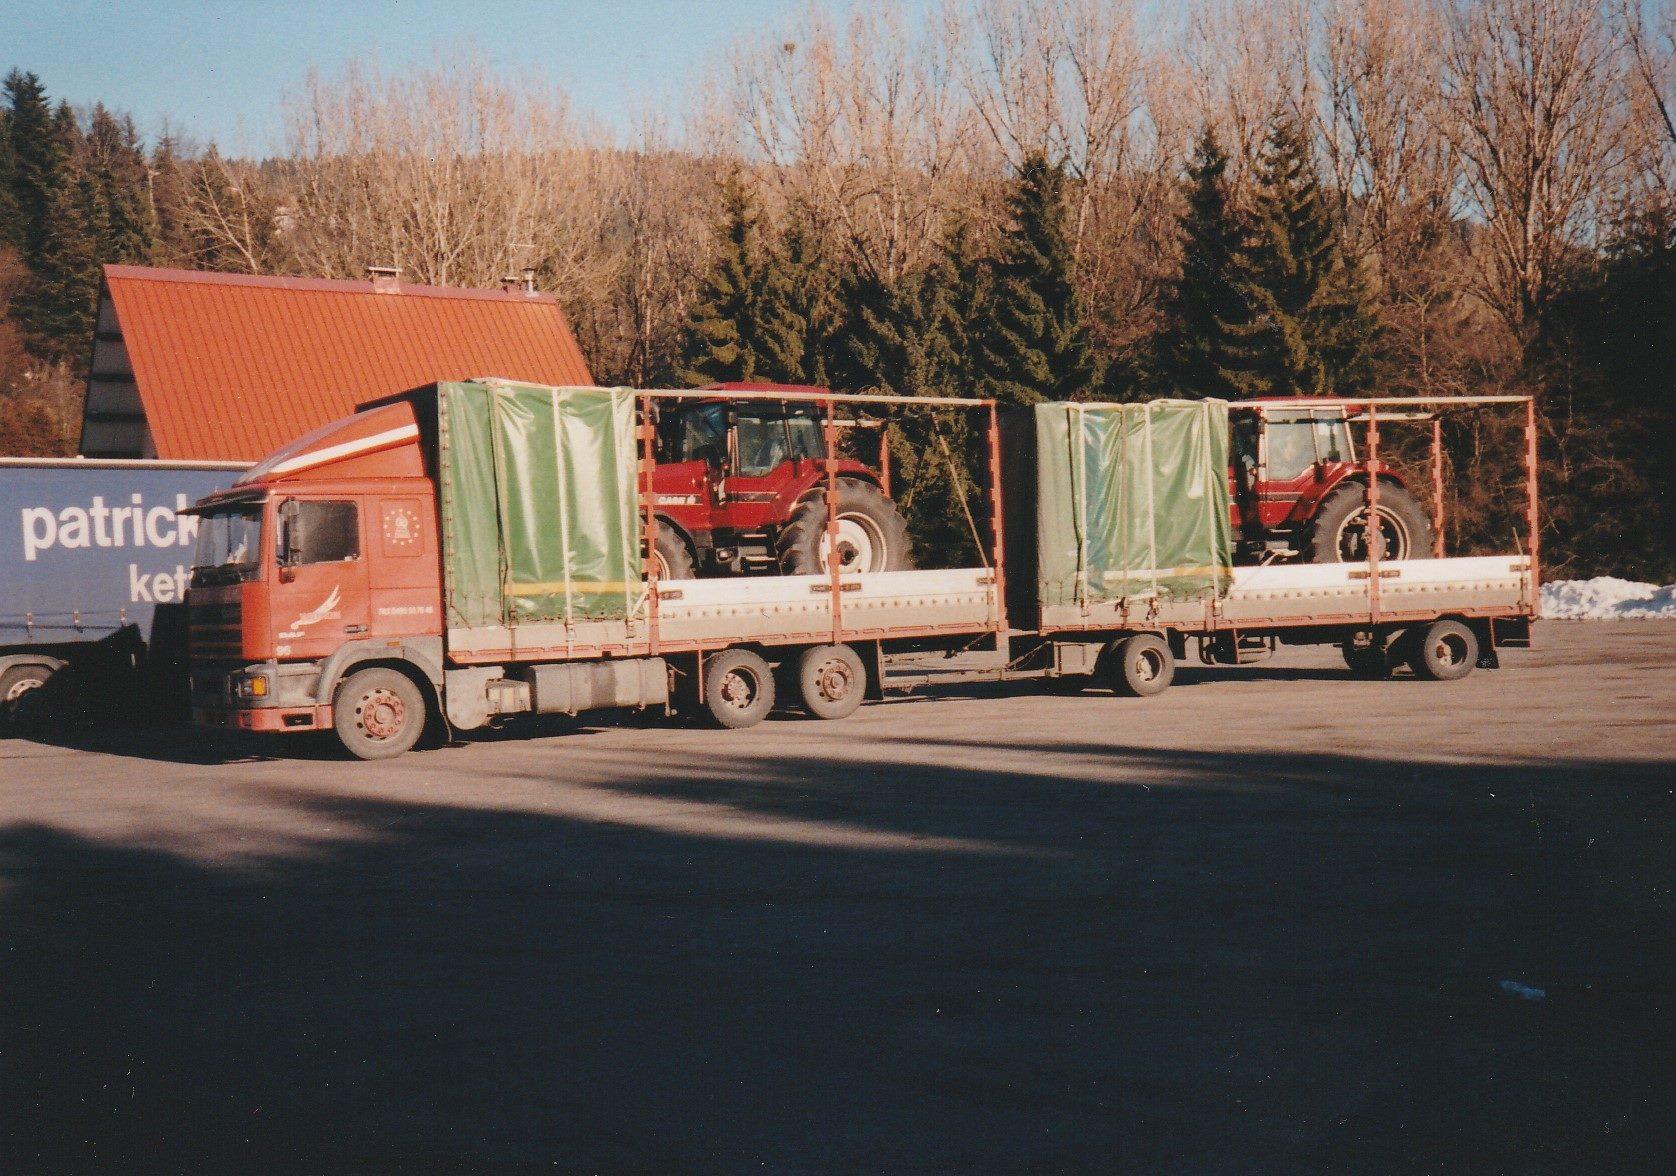 Hans-Anthonise--Tractoren-geladen-in-Le-Havre-Frankrijk-om-te-lossen-in-Italie--Tanken-en-eten-in-Nantua-plus-een-fotomomentje--3